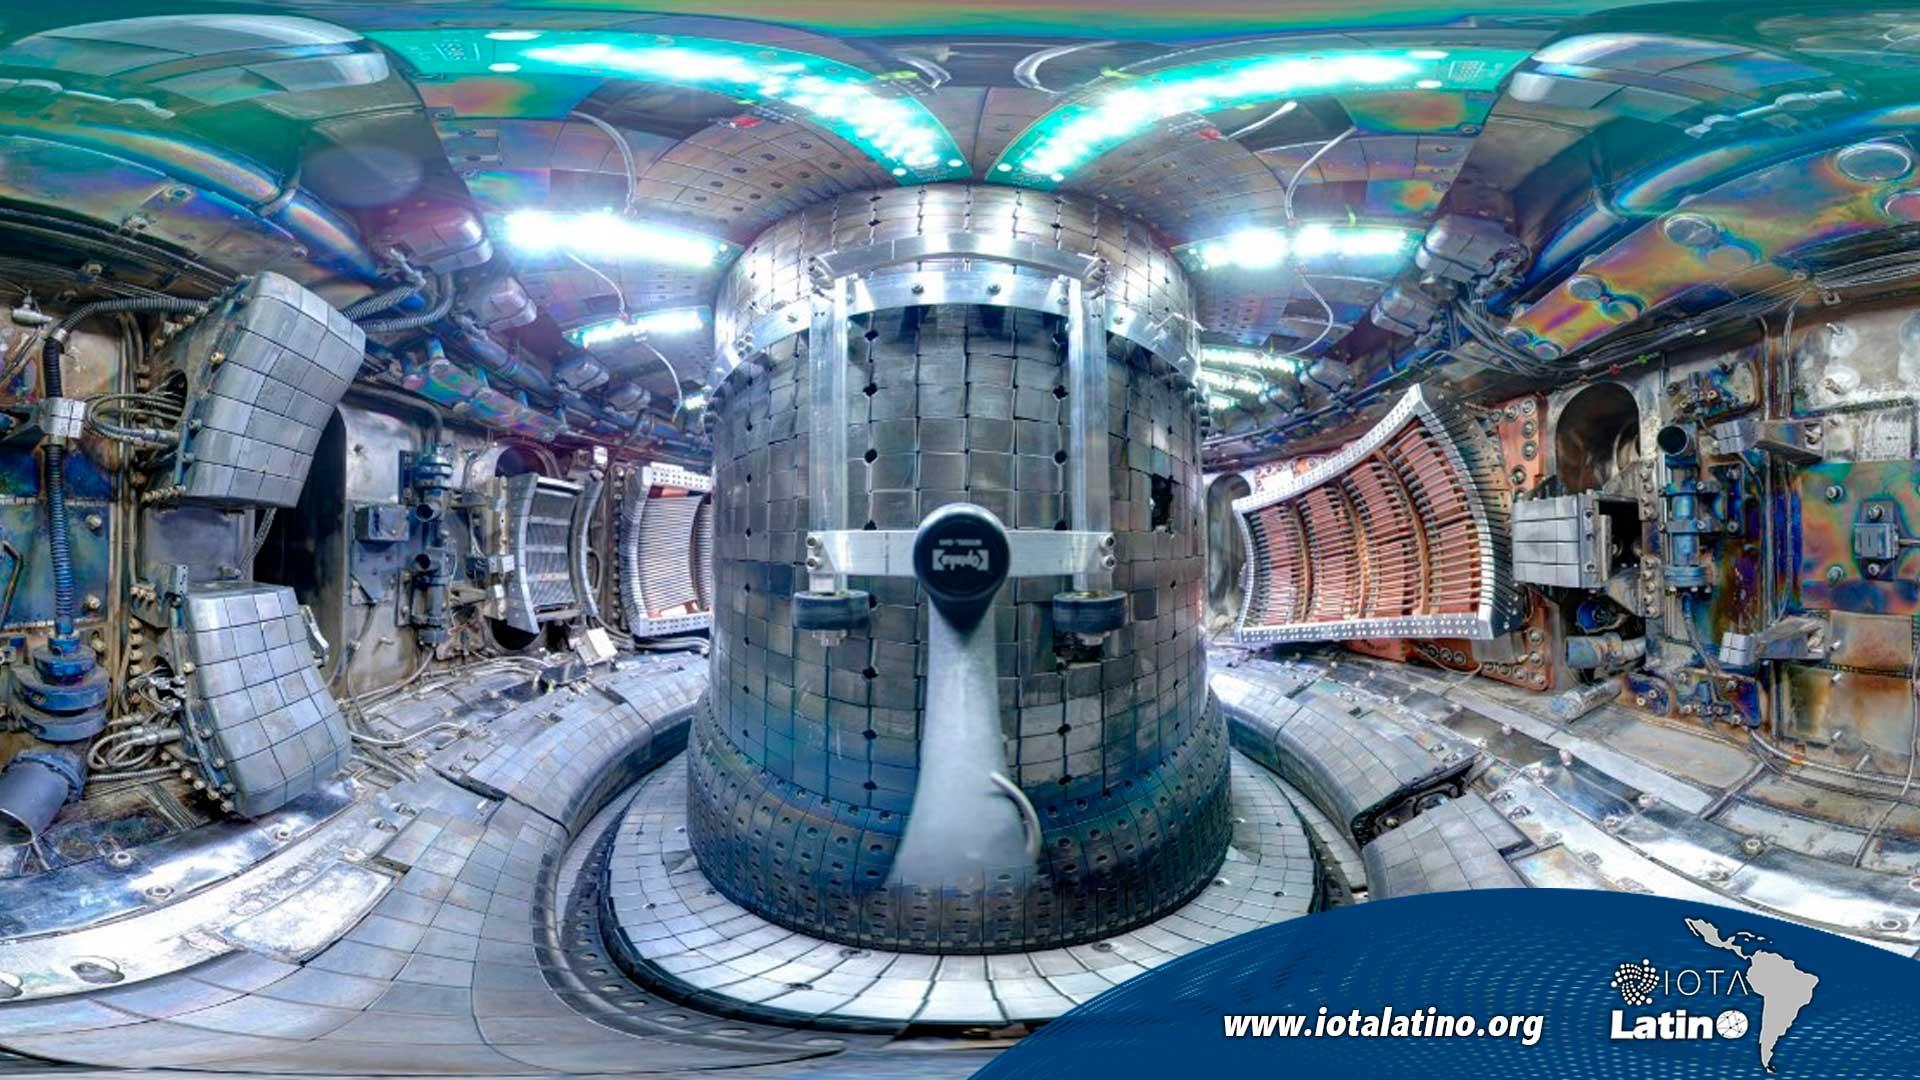 fusión nuclear Inter - IOTA Latino